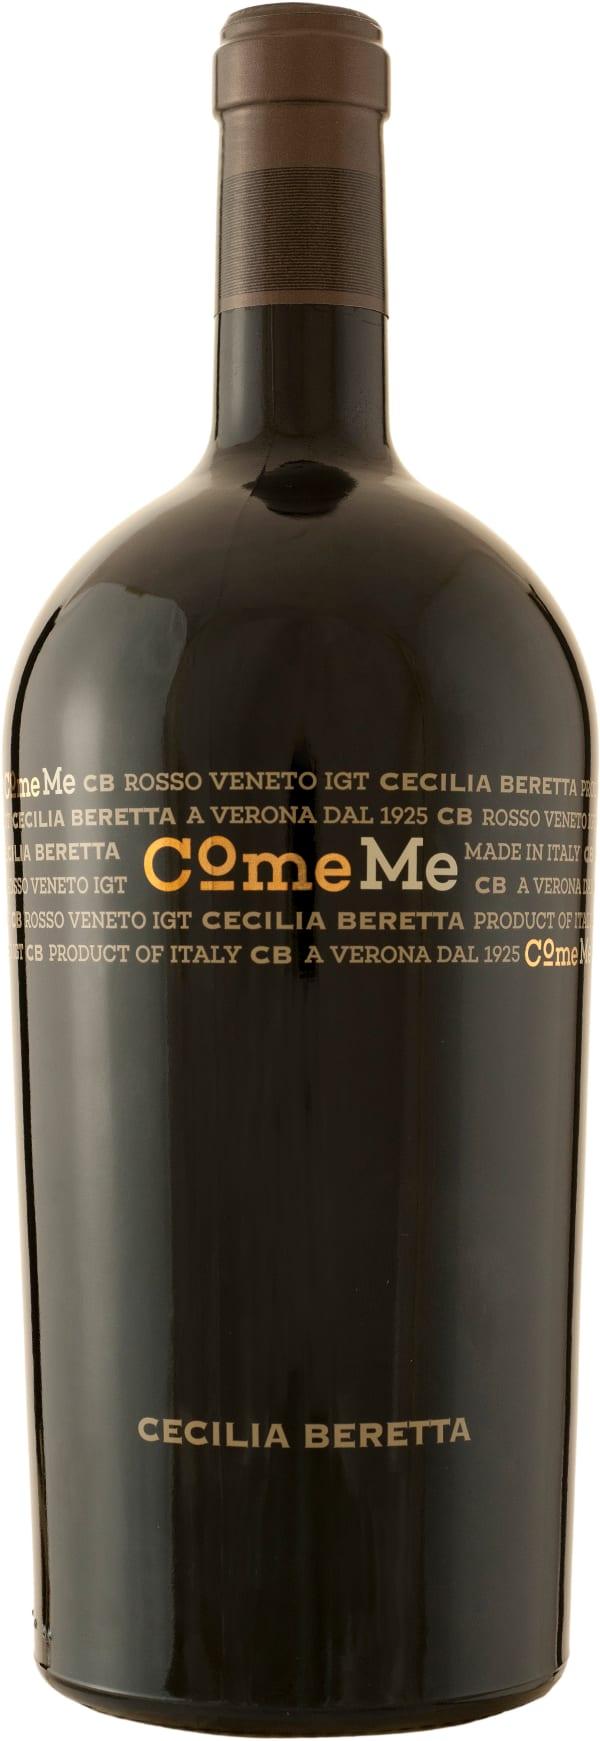 Cecilia Beretta ComeMe 2016